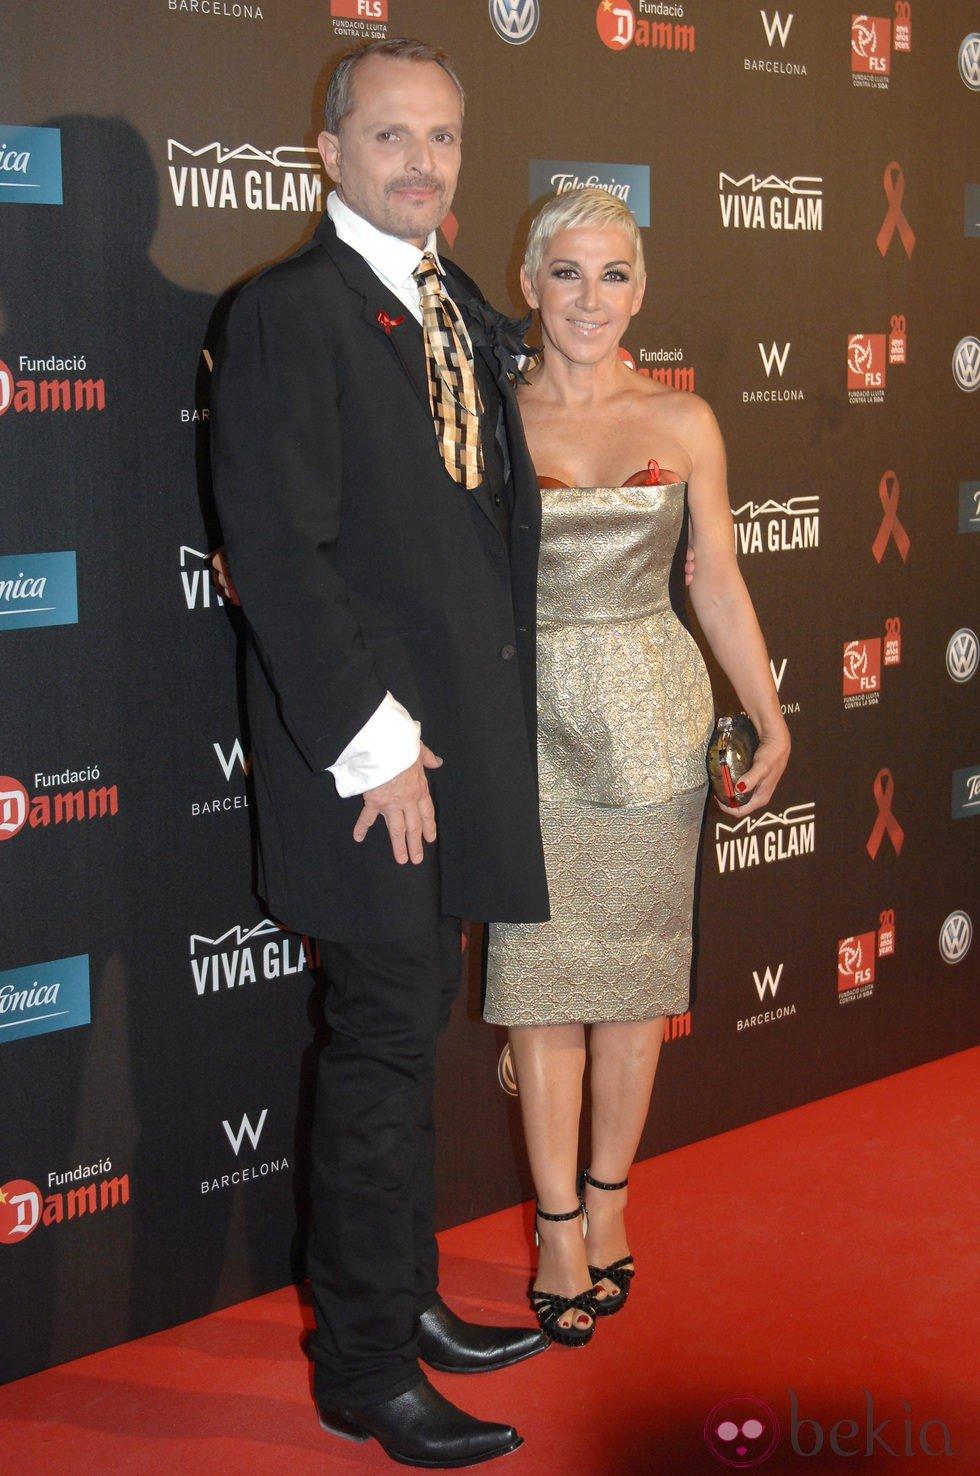 Miguel Bosé y Ana Torroja en la gala contra el Sida 2012 de Barcelona